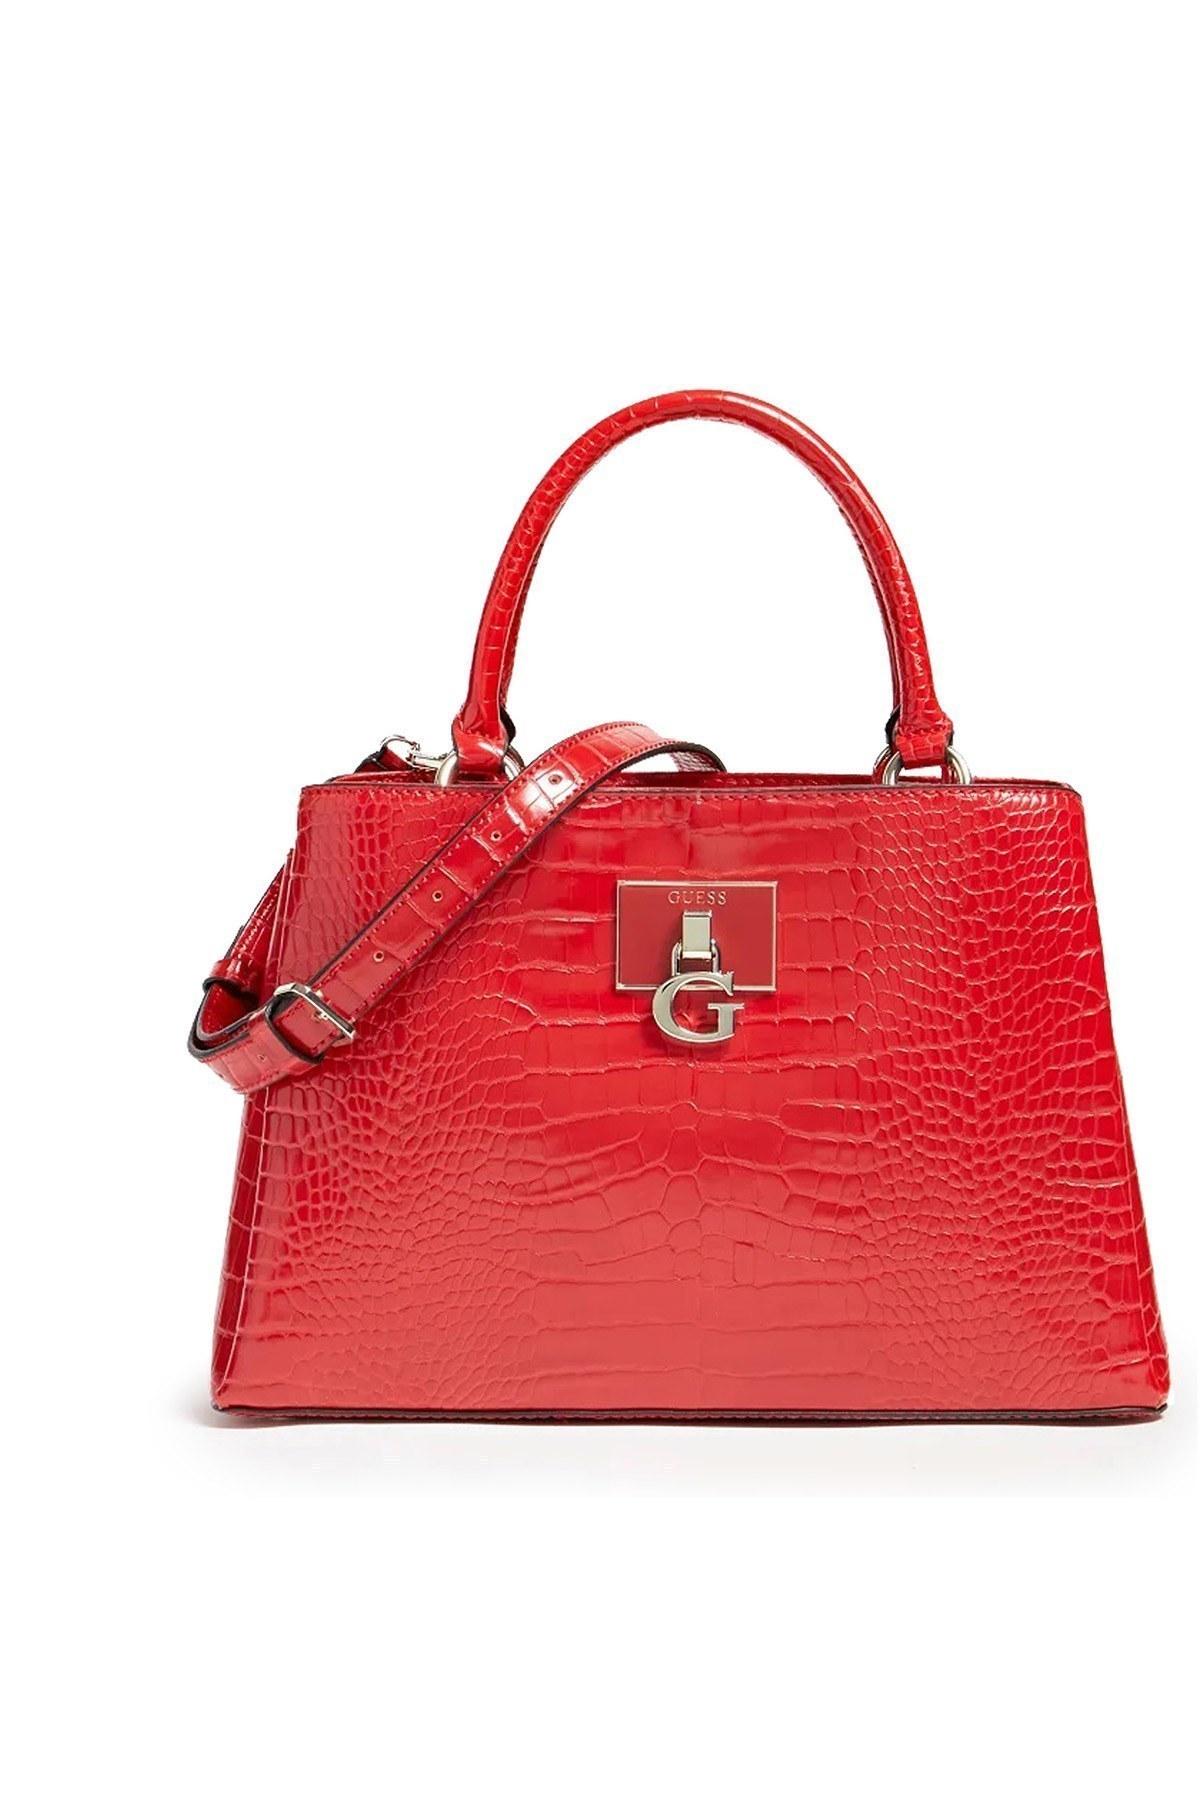 Guess Çıkarılabilir ve Ayarlanabilir Askı Detaylı Marka Logolu Carabel Bayan Çanta HWCG7972060 RED KIRMIZI